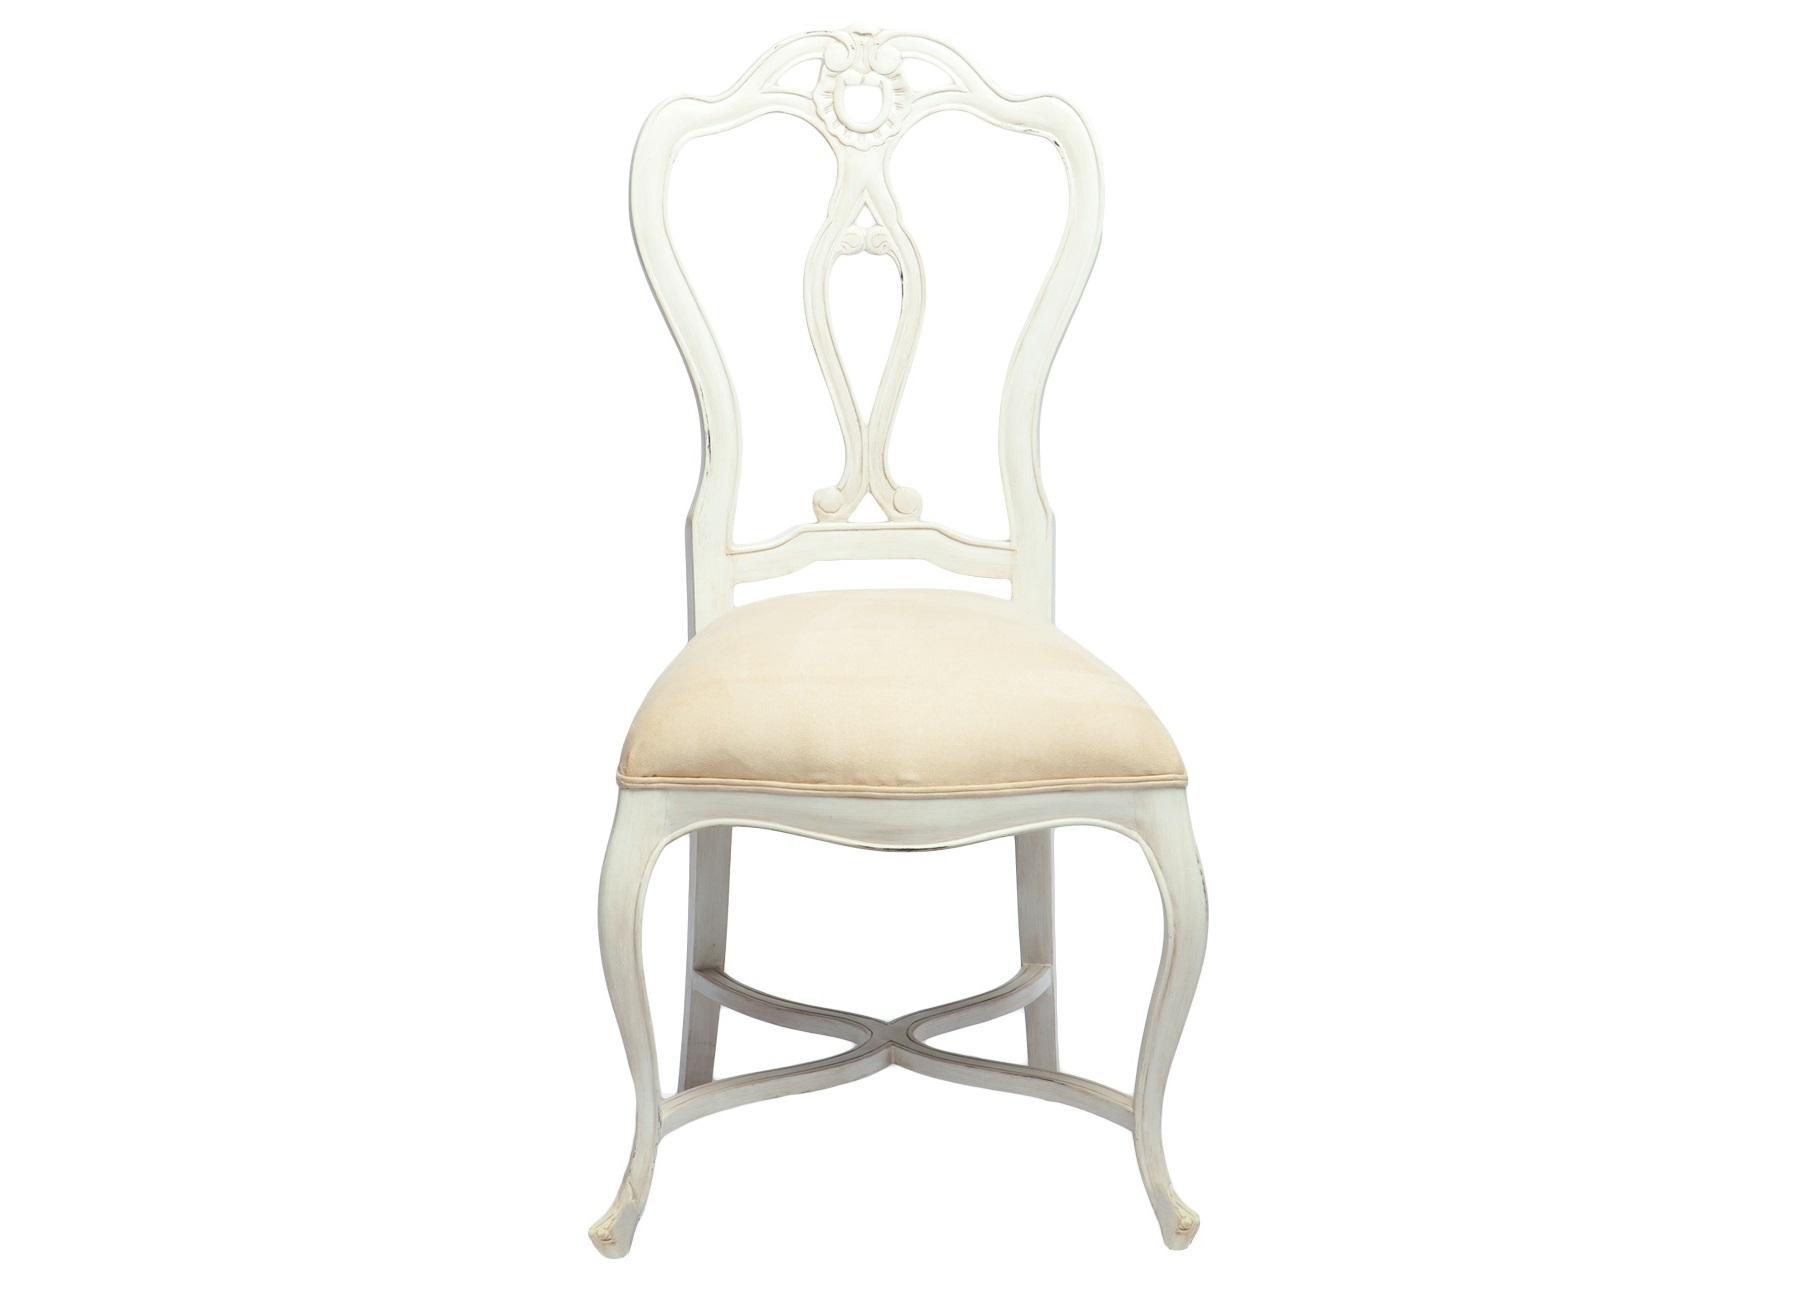 Стул ВенусОбеденные стулья<br>Стул с красивой резной спинкой ручной работы, декорирован патиной и старением. Цвет белый с бежевой патиной. Обивка под замшу.<br><br>Material: Красное дерево<br>Ширина см: 52<br>Высота см: 101<br>Глубина см: 55